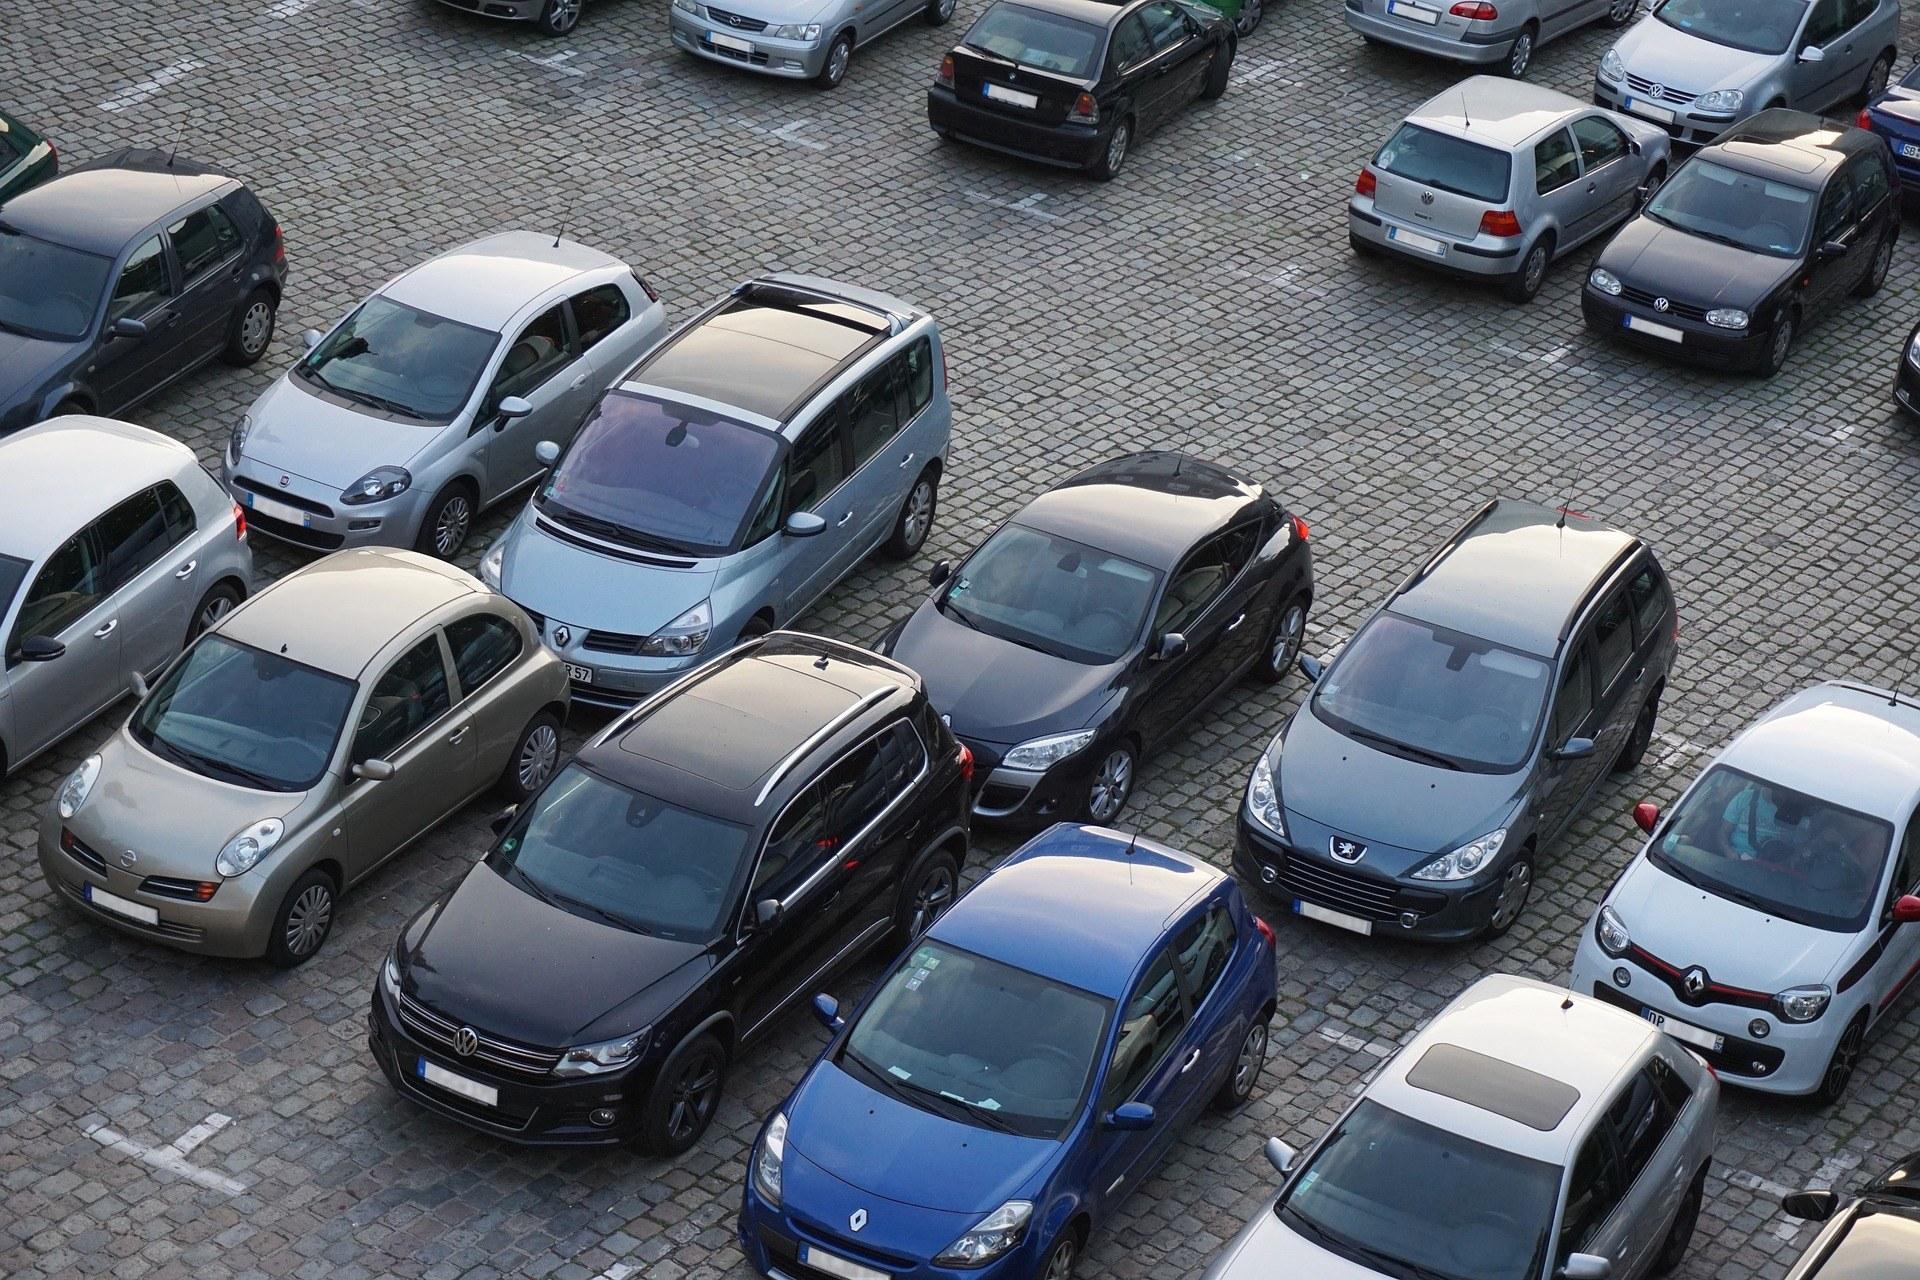 parkplatzbewachung, parkplatzüberwachung, parkplatzschutz, sicherheitsdienst essen